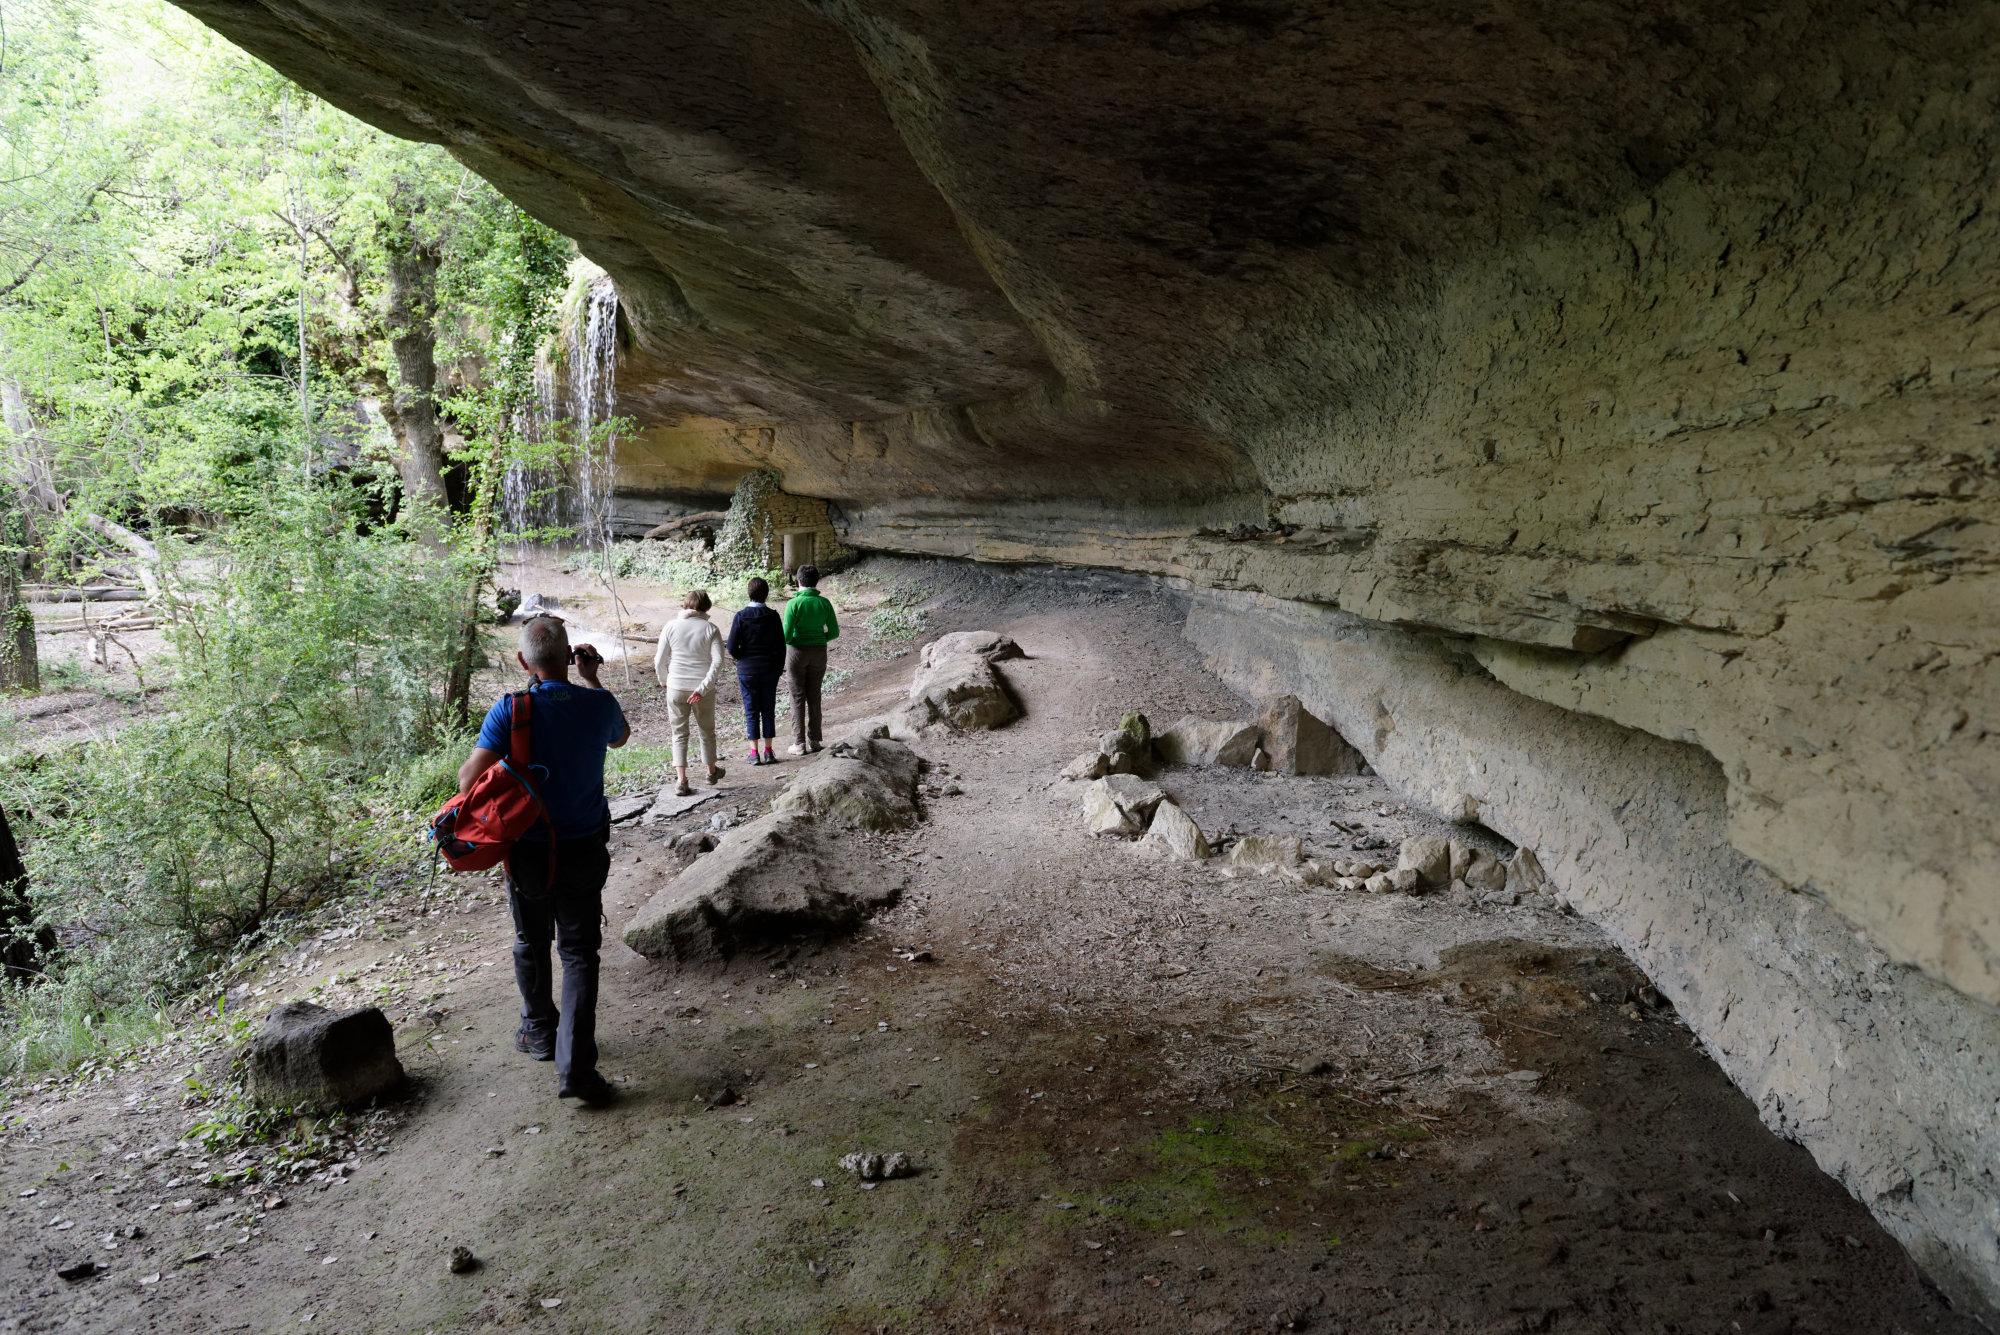 180520-4-Santa Maria de Buil-La cueva del anis (30) (Sobrarbe-Aragon)